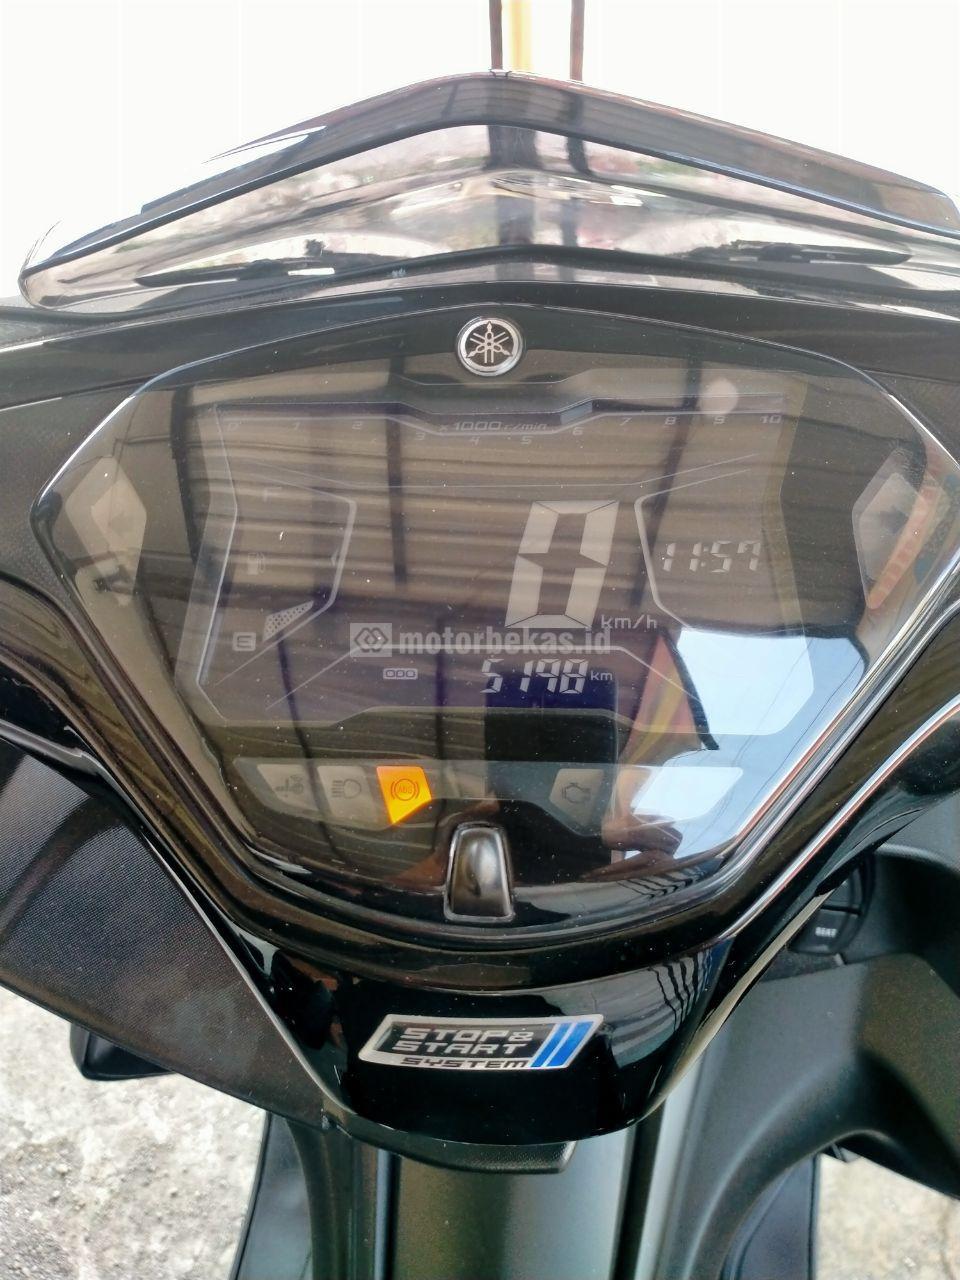 YAMAHA AEROX 155 ABS 1393 motorbekas.id